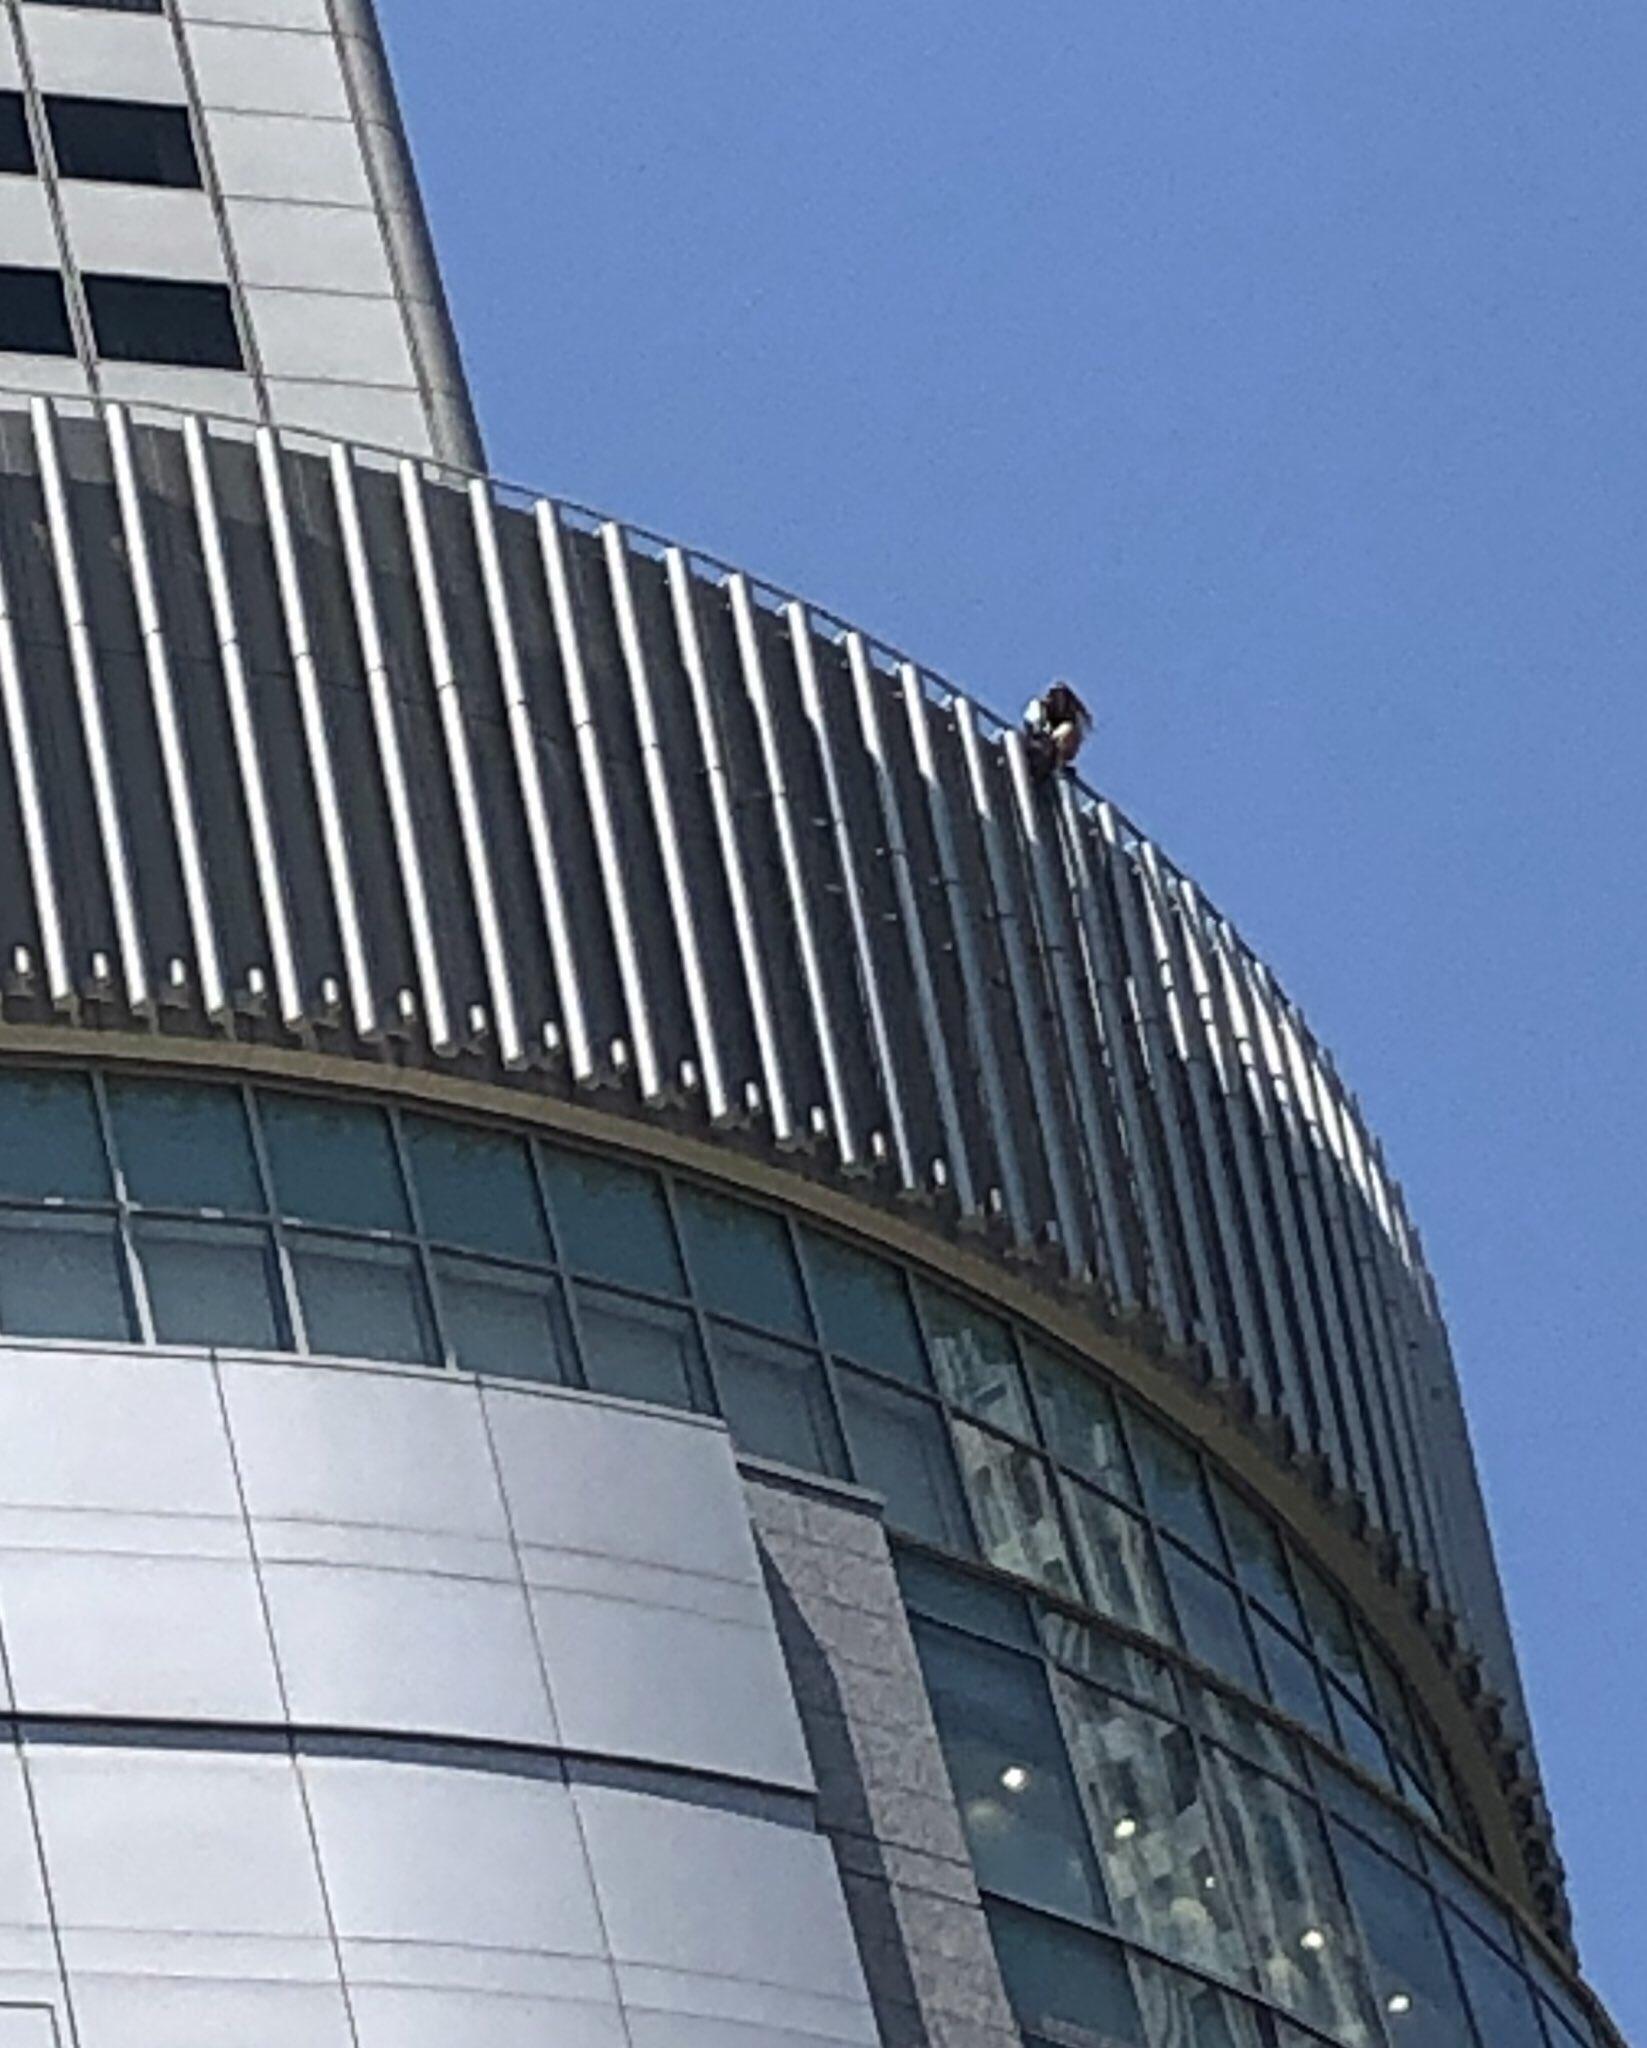 画像,飛び降りようとしてる人おる大阪駅の上メッチャ人と警察集まってる https://t.co/Zg9wReEAUr。